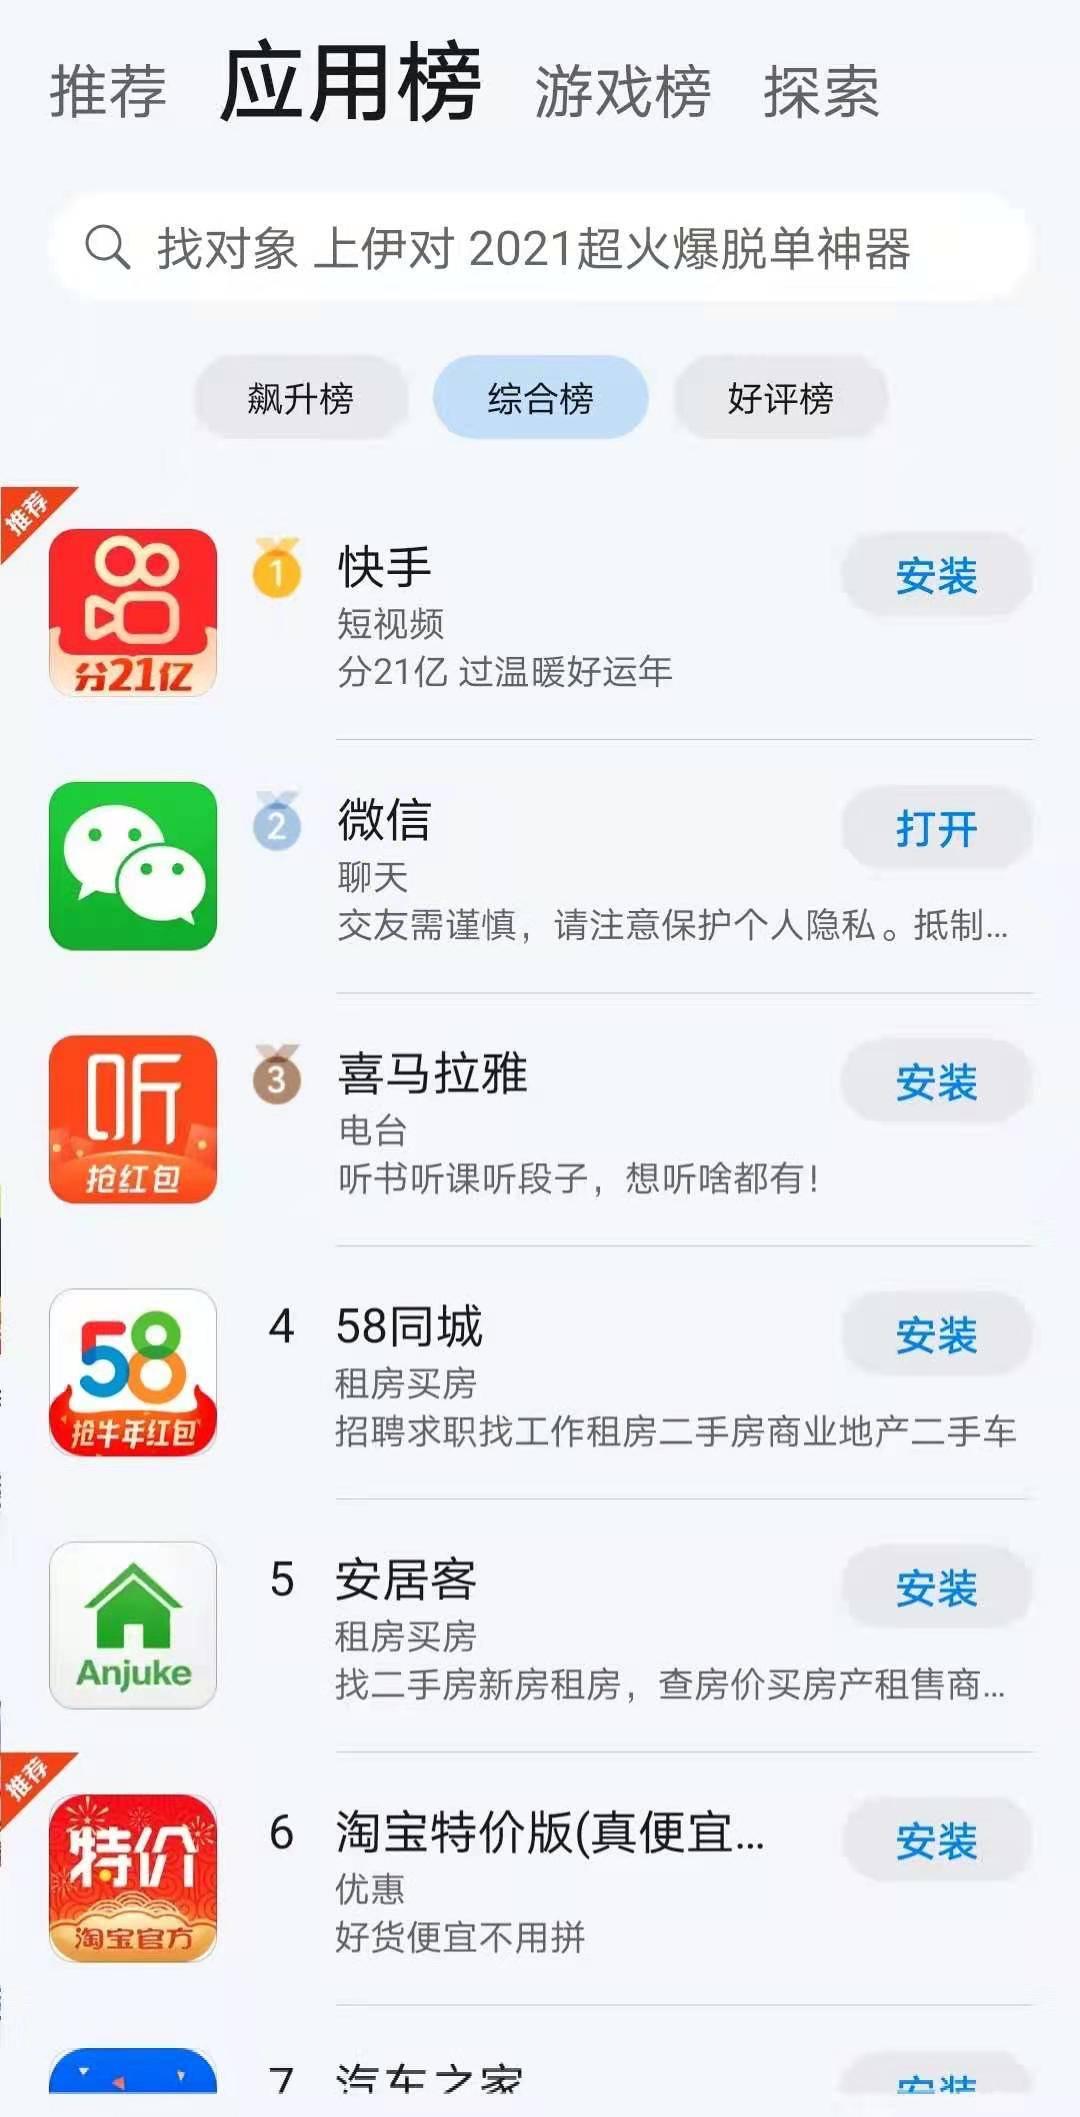 互联网平台春节红包大战,快手抖音除夕霸榜应用商店  第1张